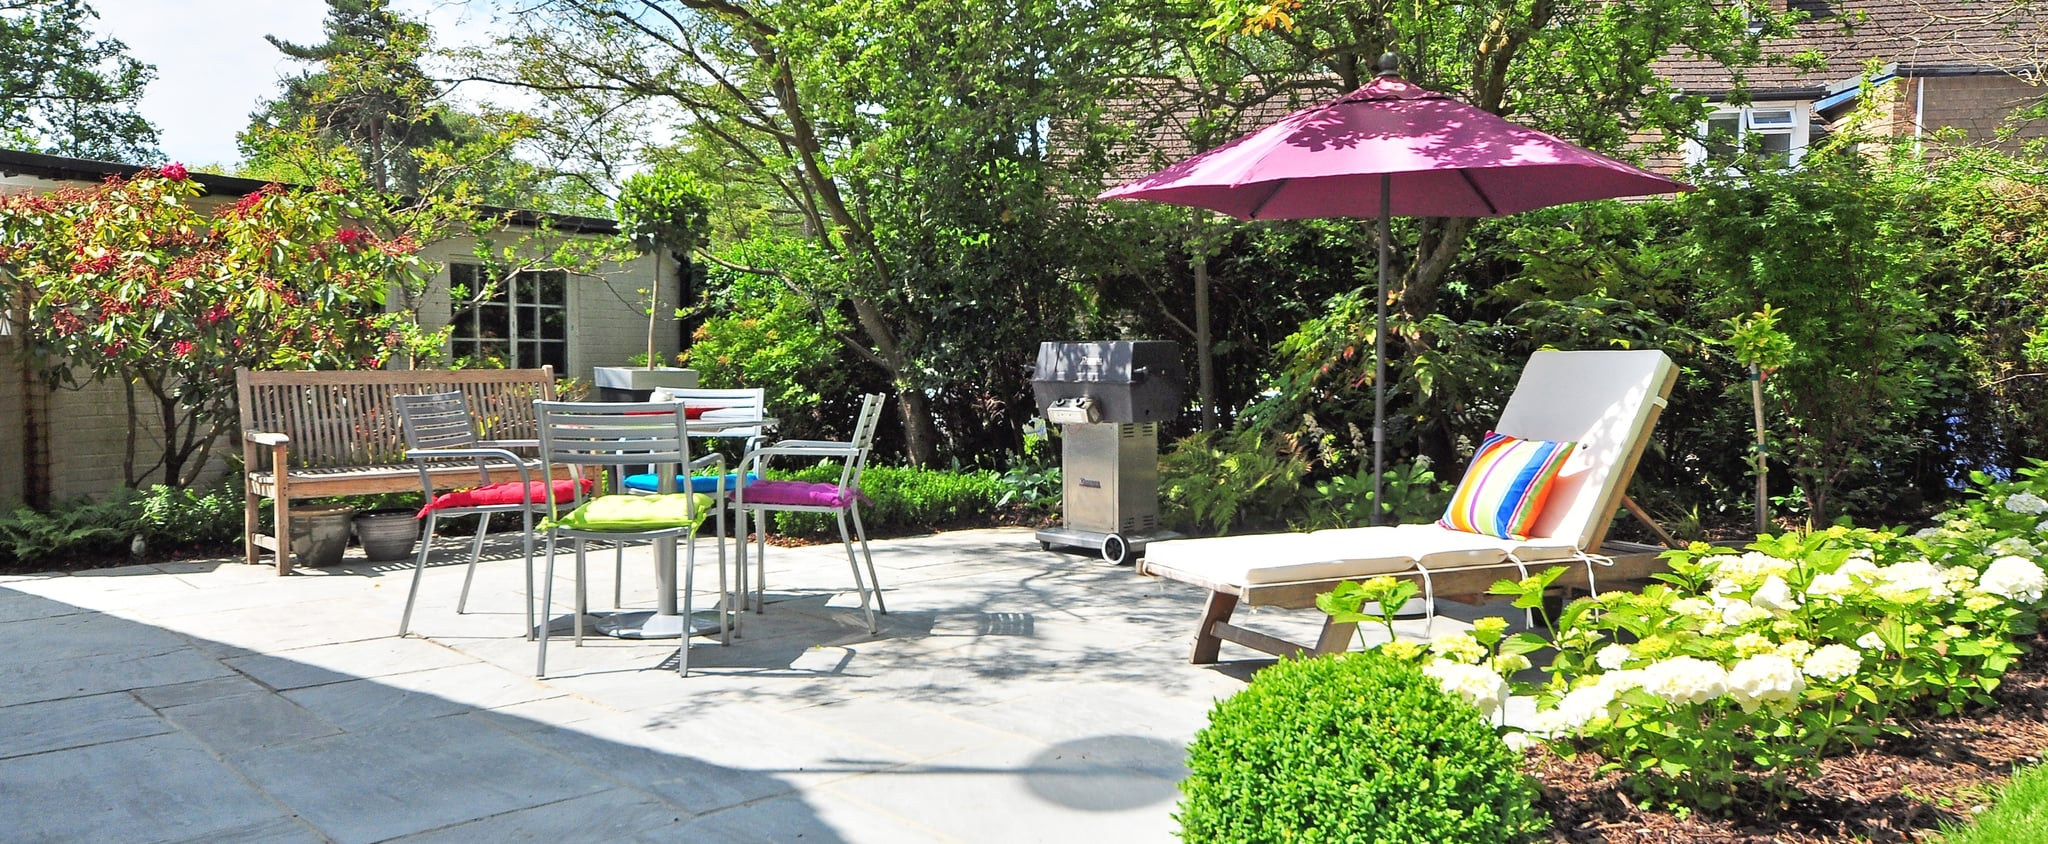 بلدية دبي تنشئ 15 حديقة منزلية لكبار المواطنين 2019